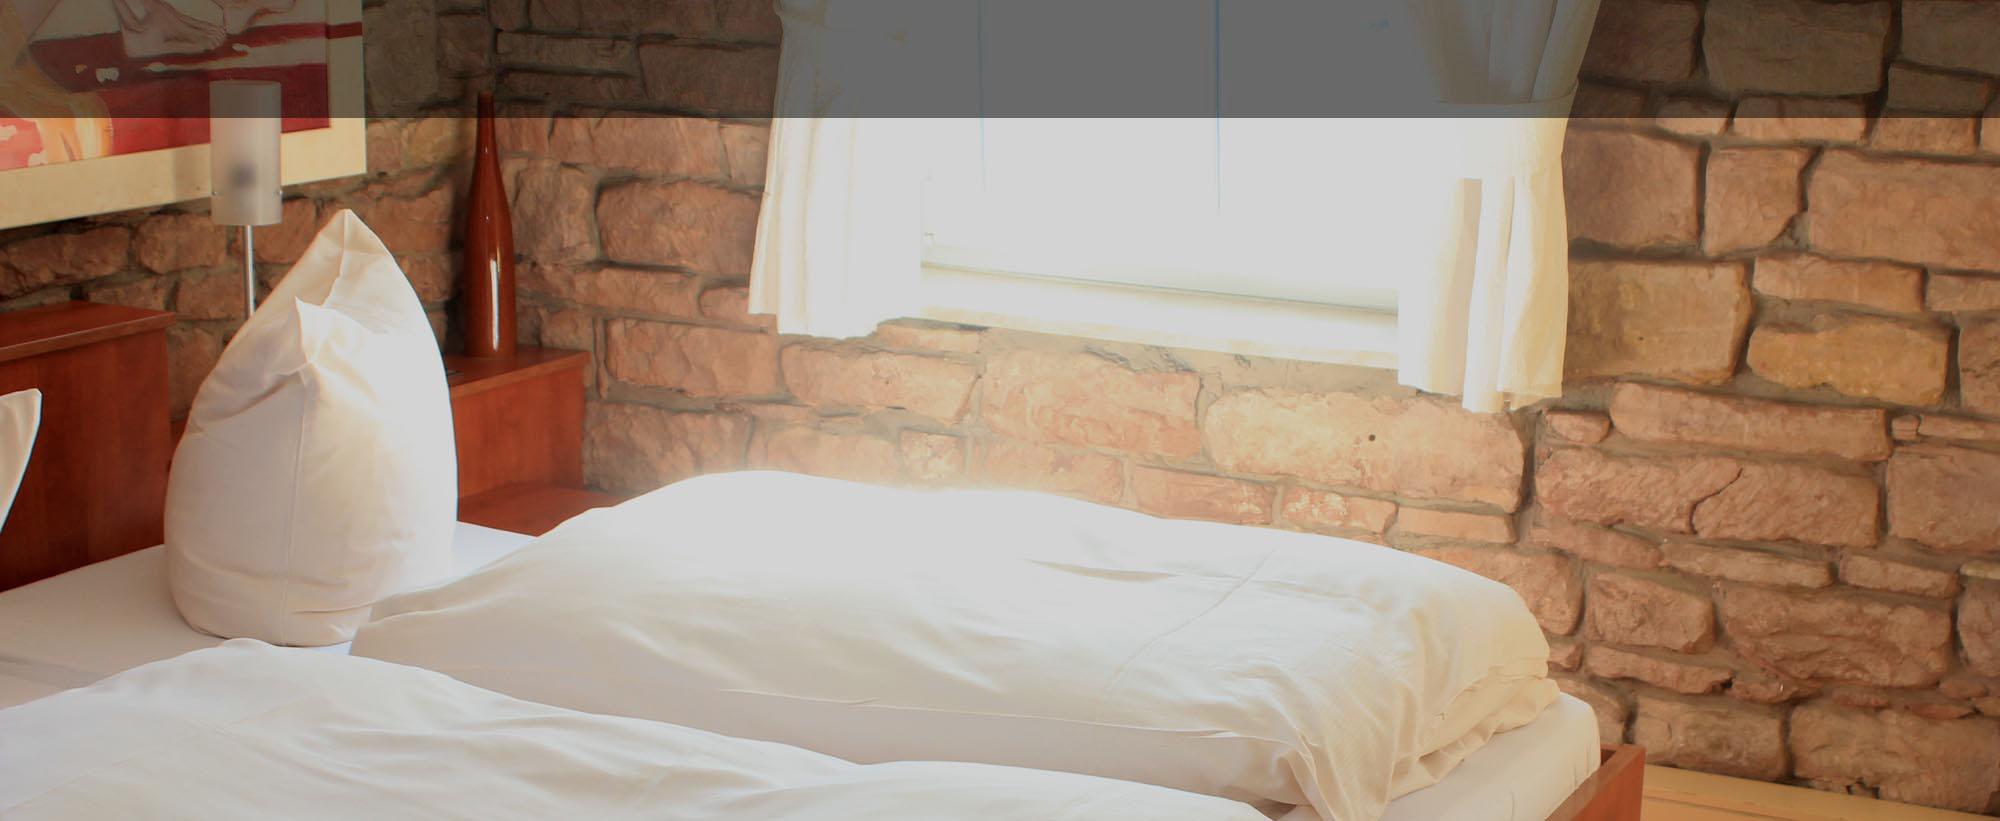 komfortable & gemütliche Hotelzimmer